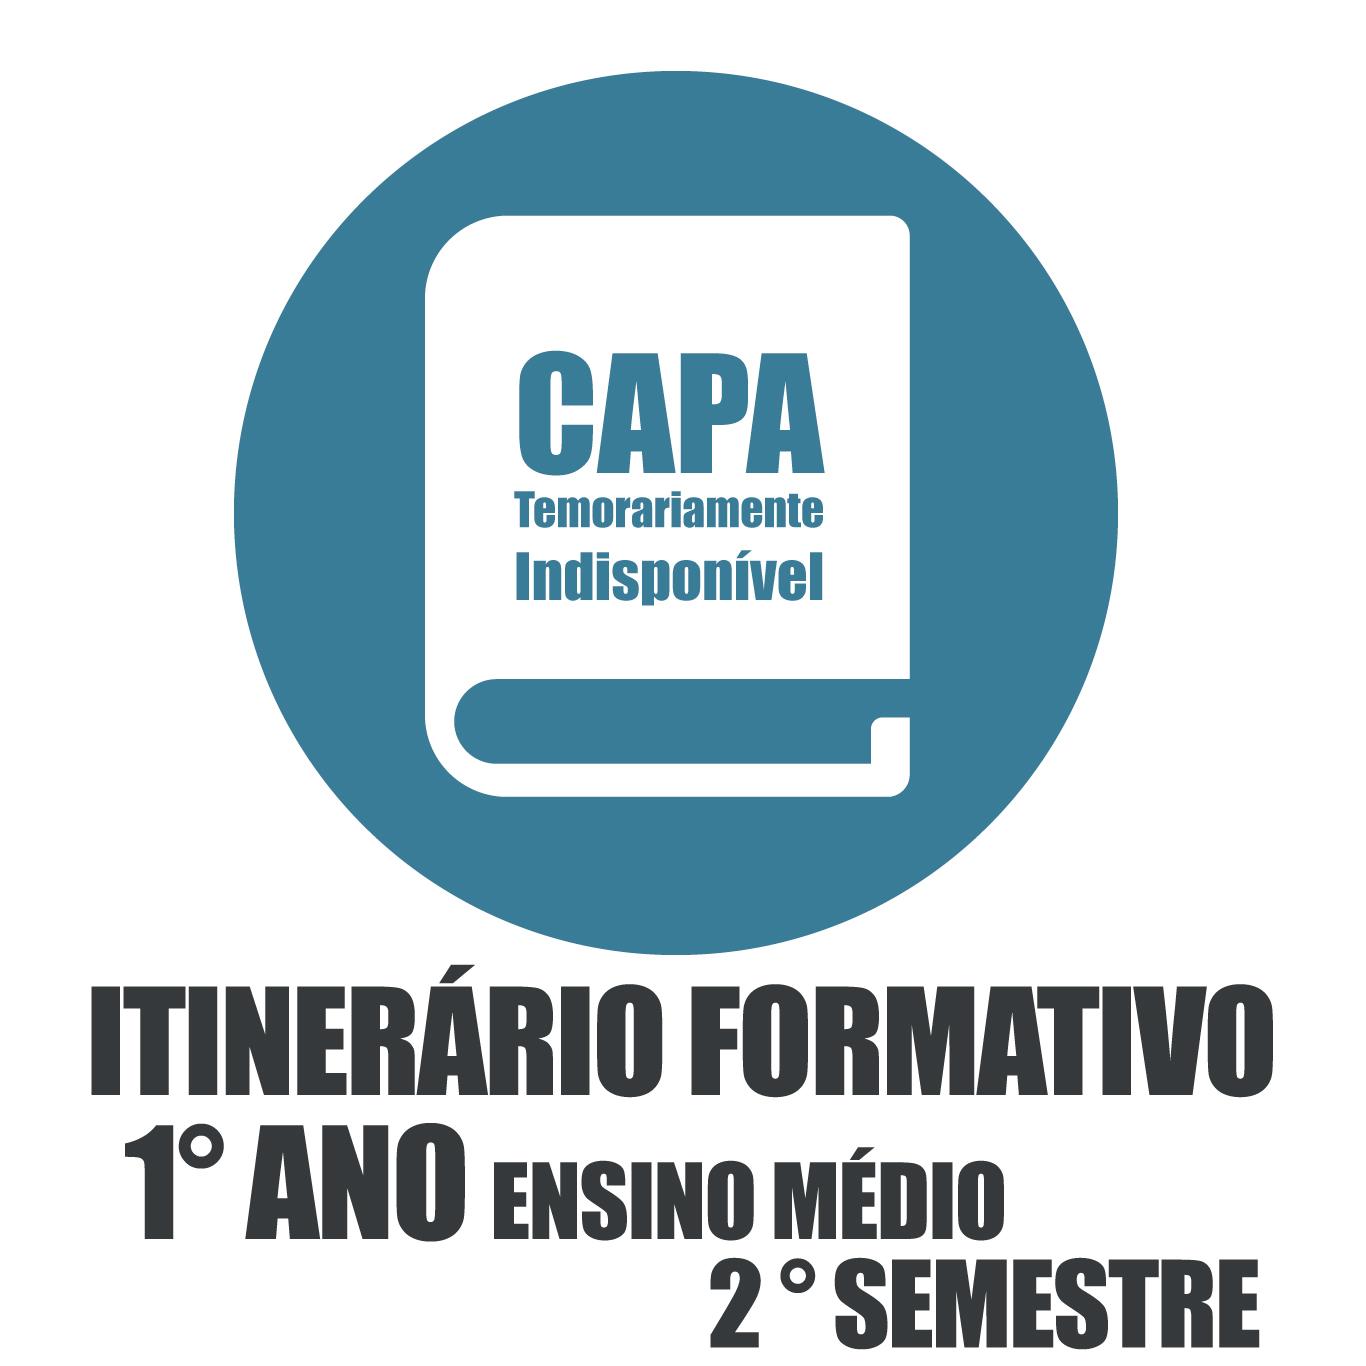 Itinerário Formativo - 1° Ano Ensino Médio  - 2° Semestre